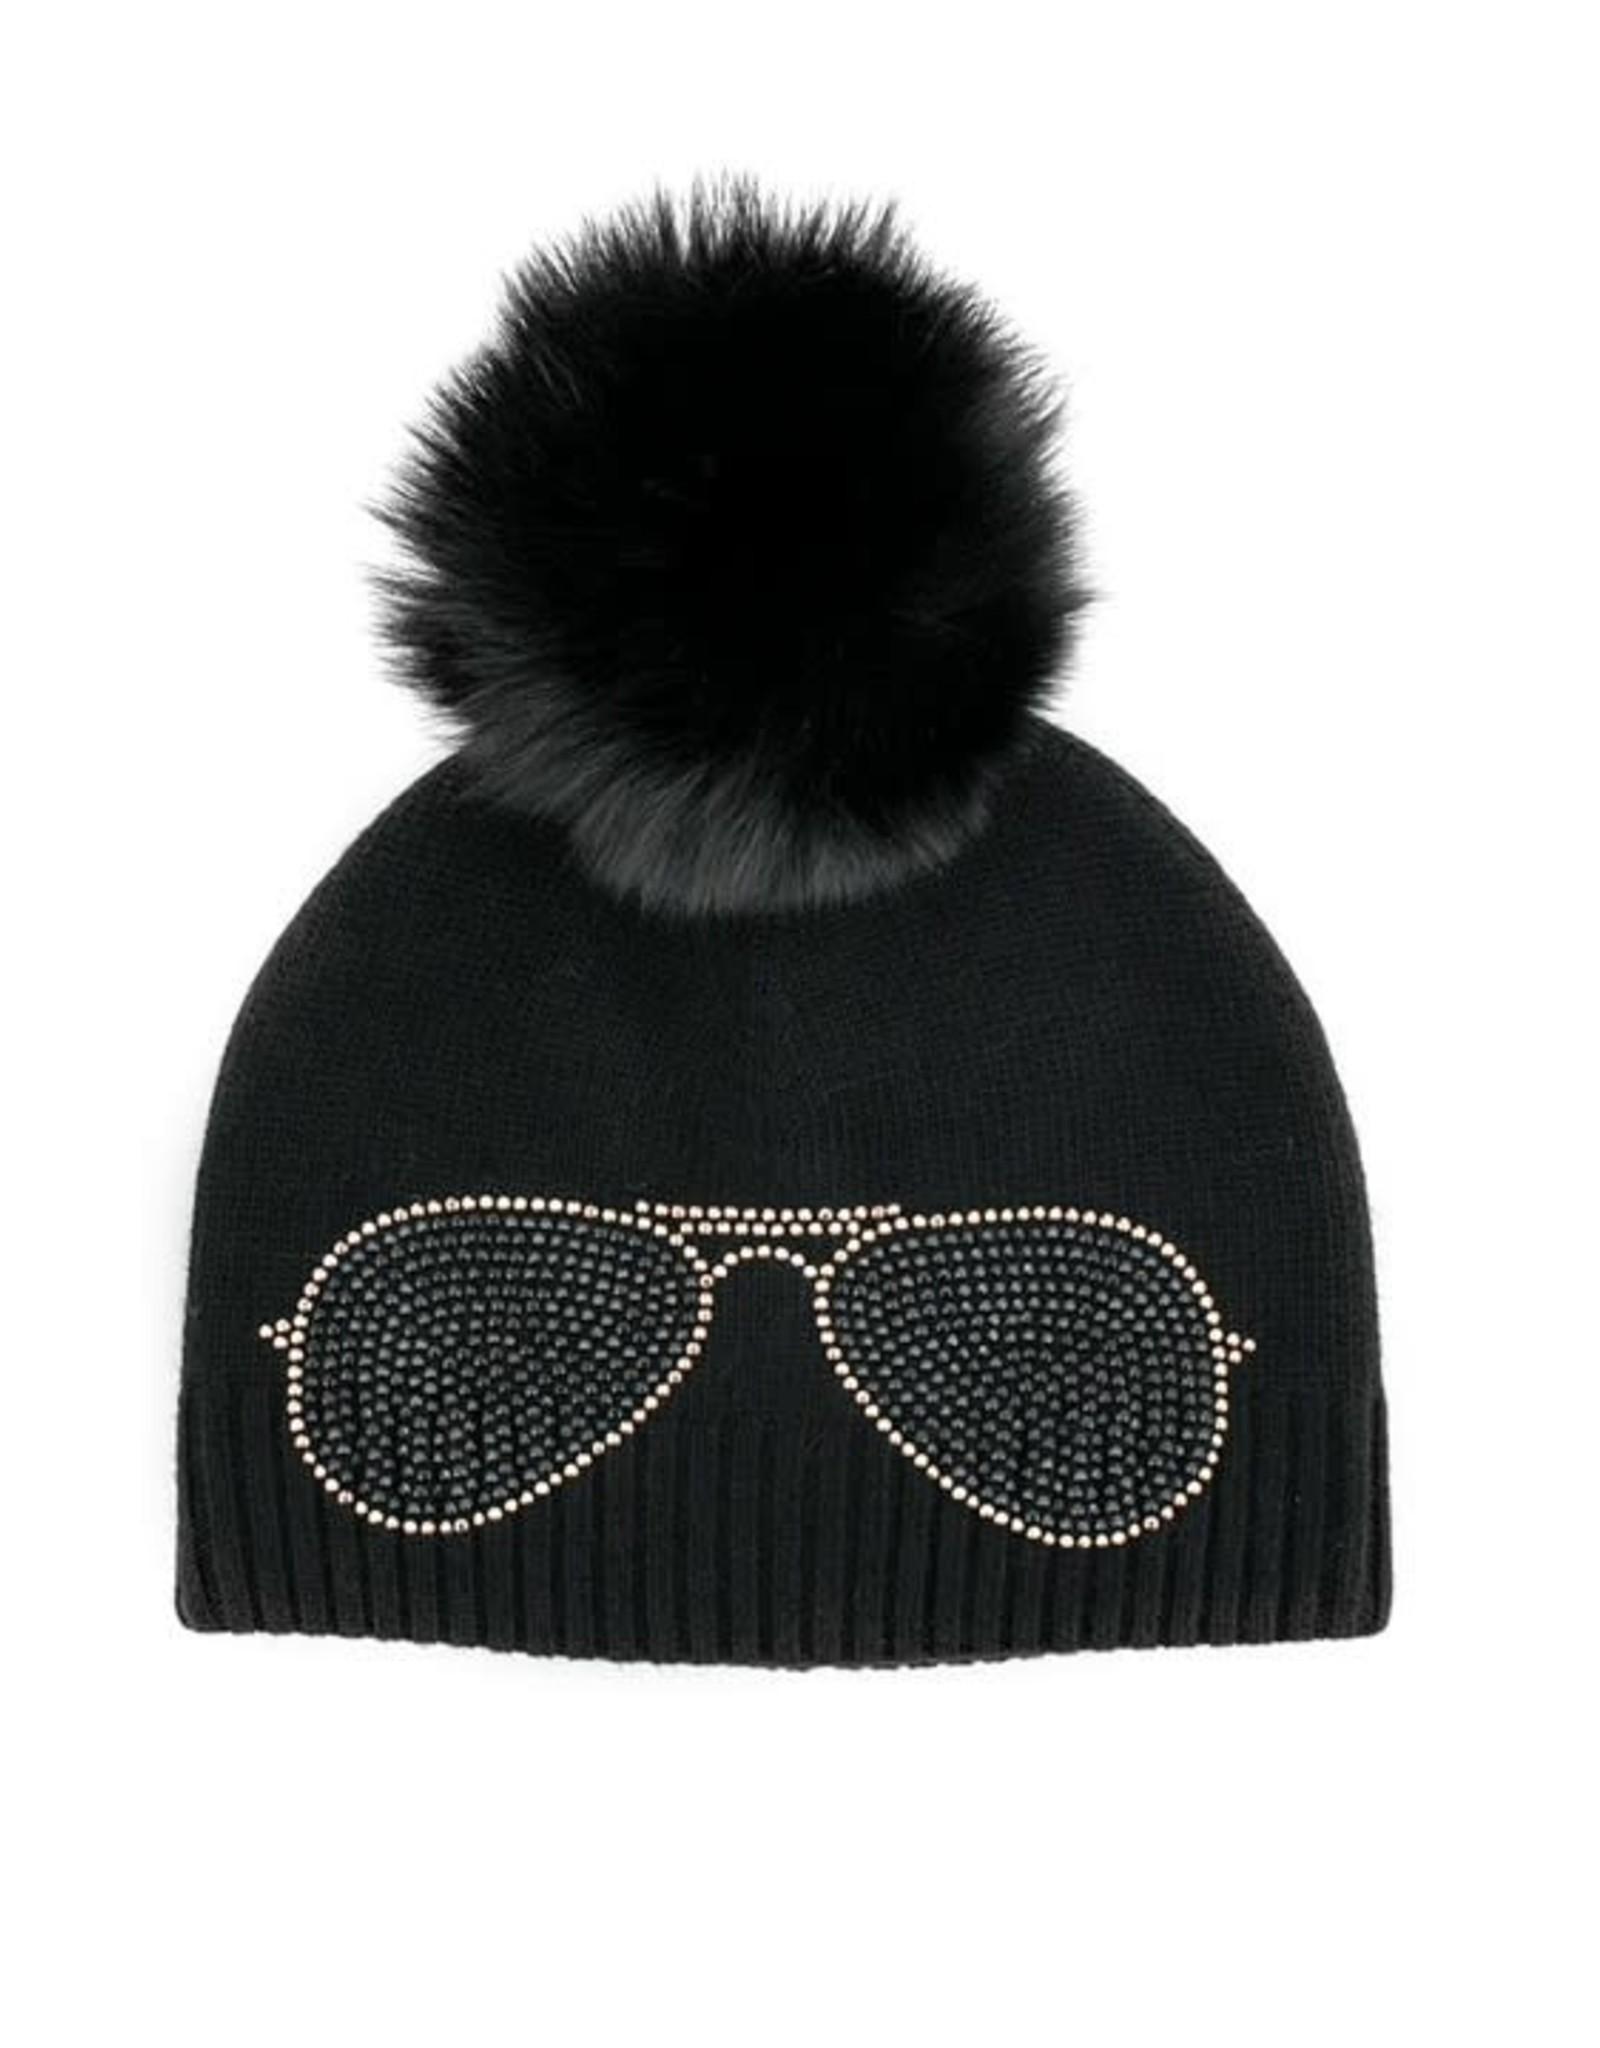 Tuque noir  - lunette